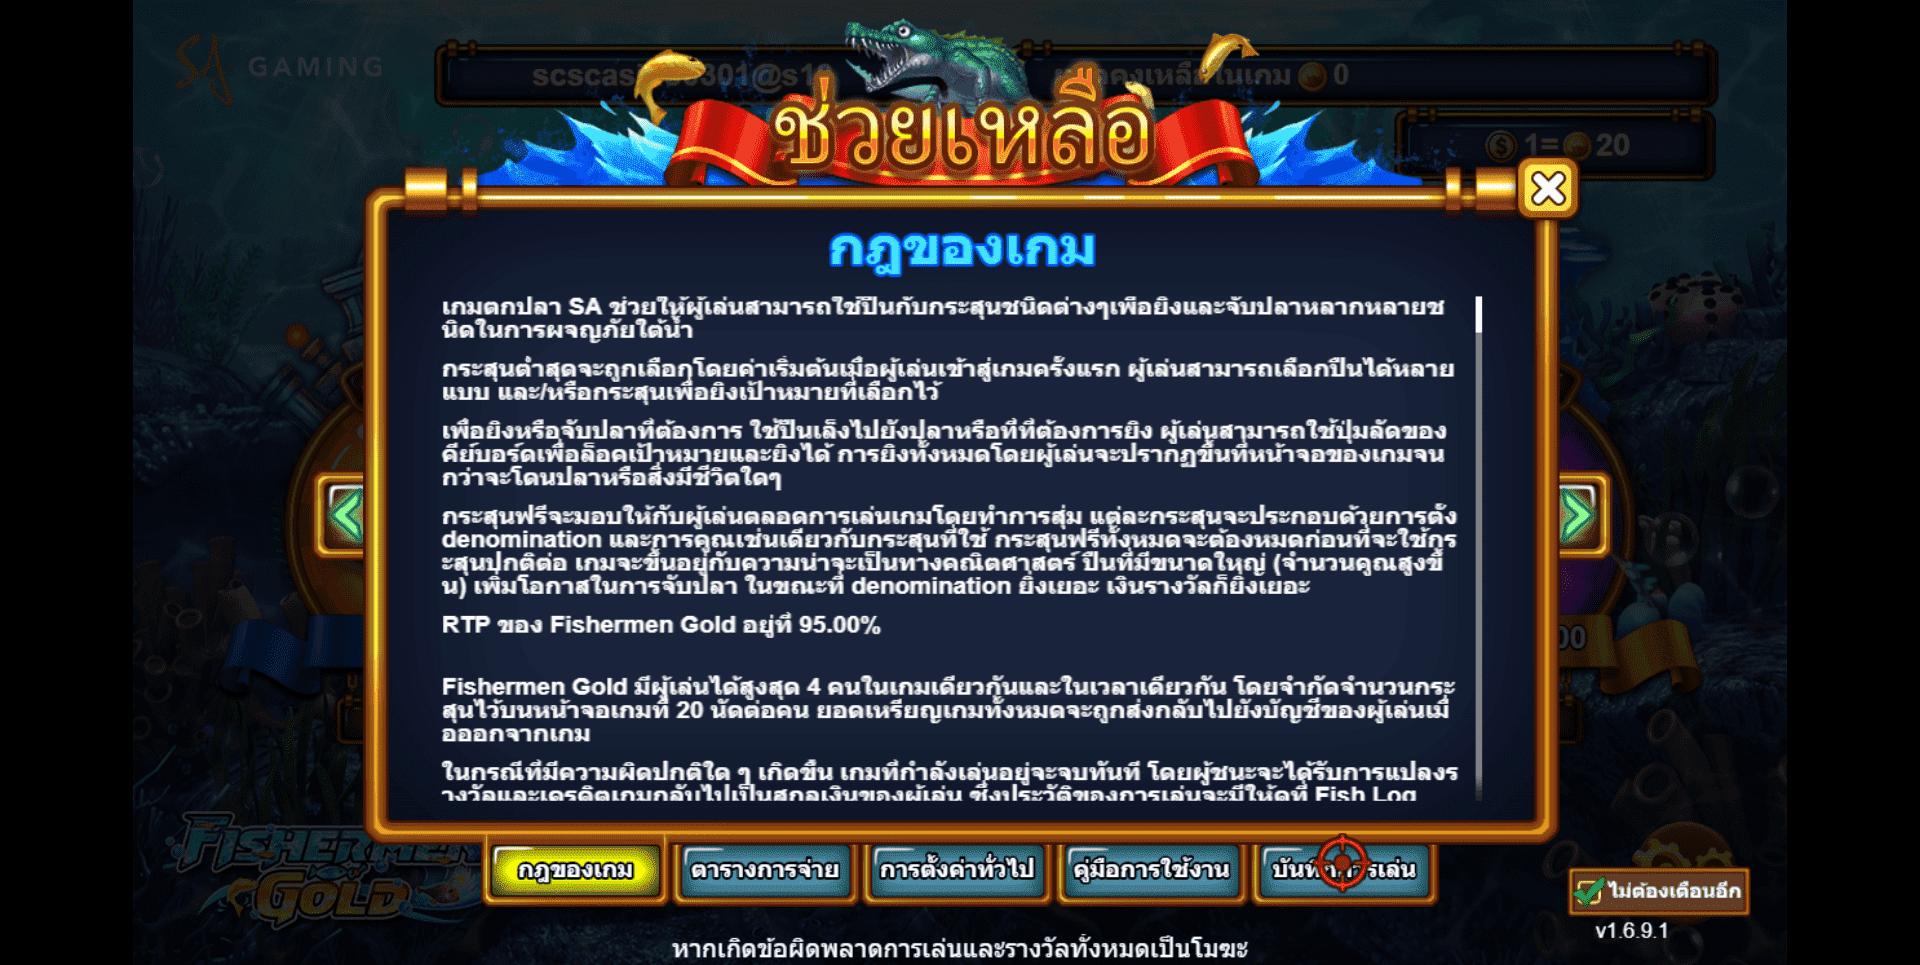 2.-หน้ากฎของเกมส์-2 sa gameth เกมยิงปลา